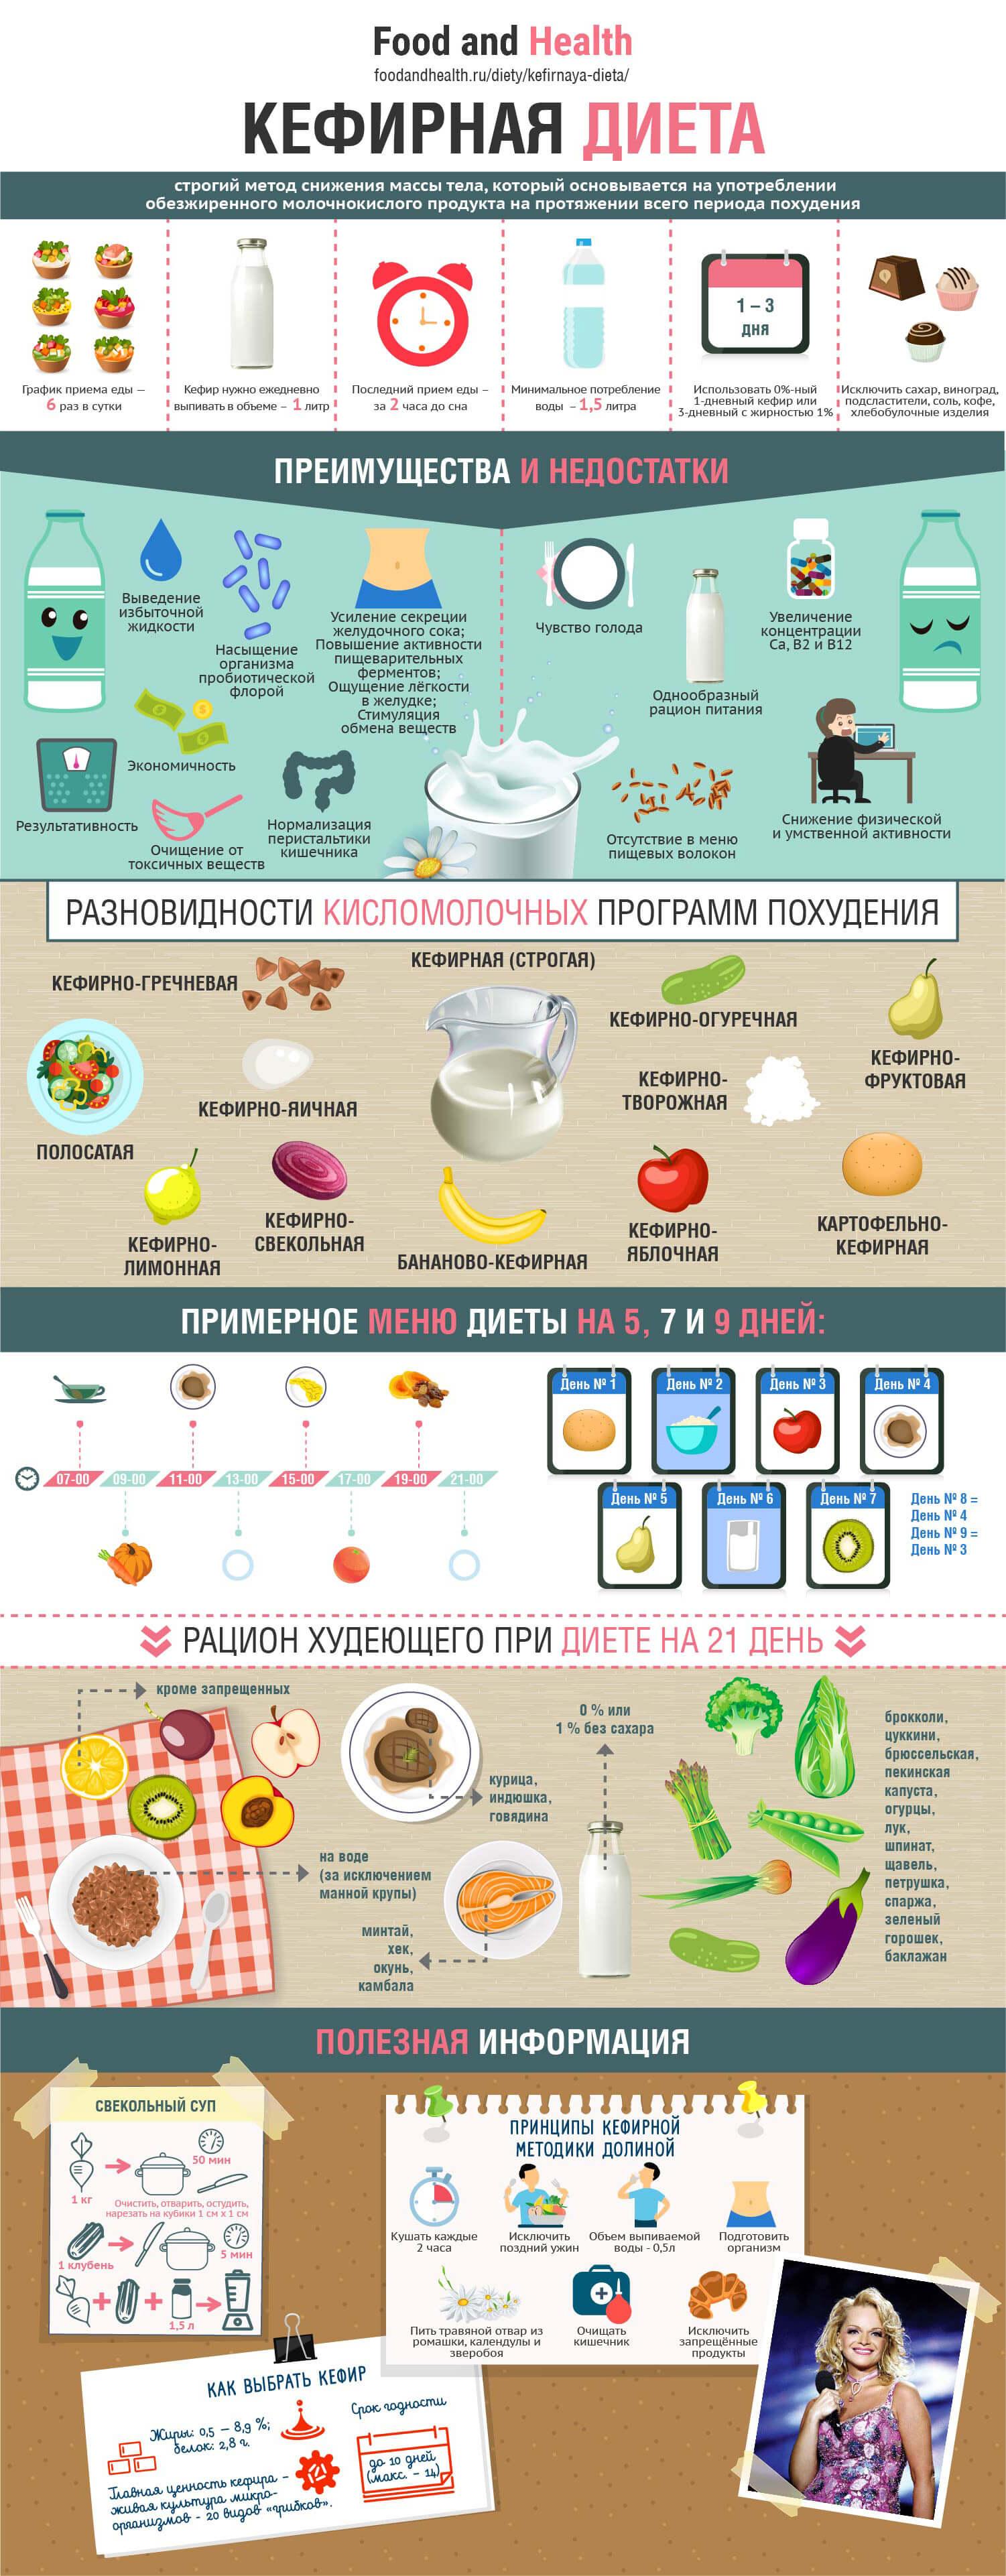 Кефирная диета: инфографика